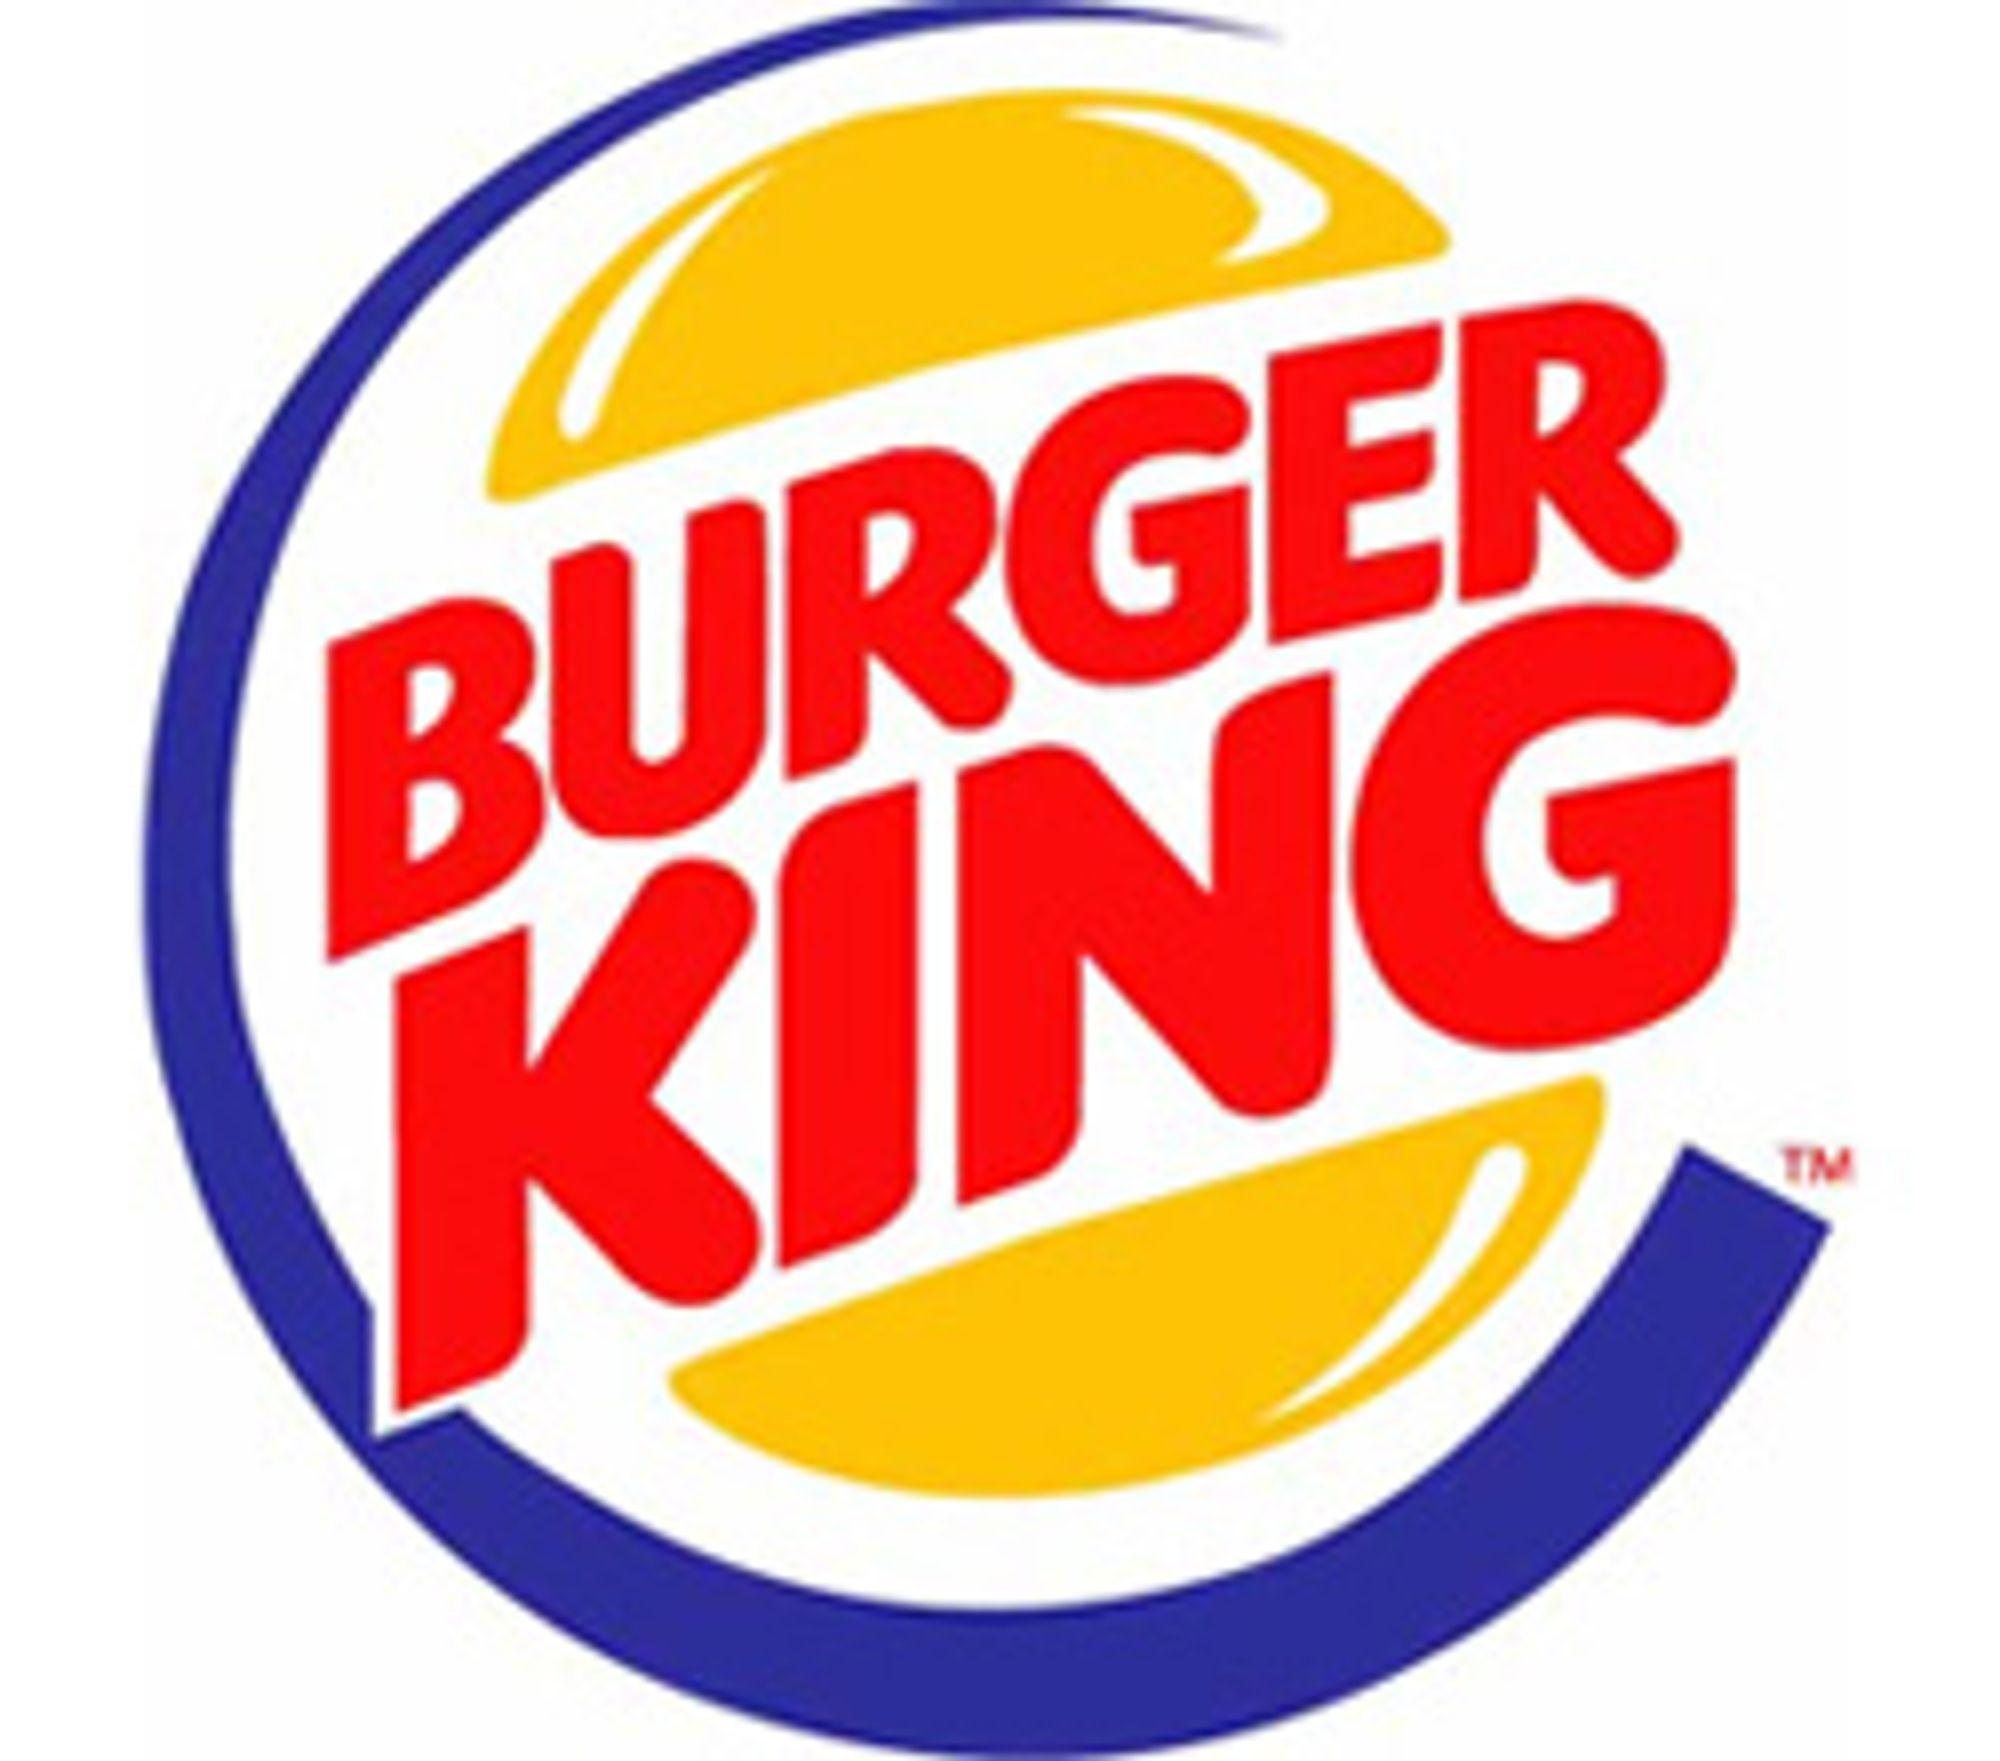 Snart kan du få spille Burger King-spillet på mobilen din. (Bilde: Campudish.com)